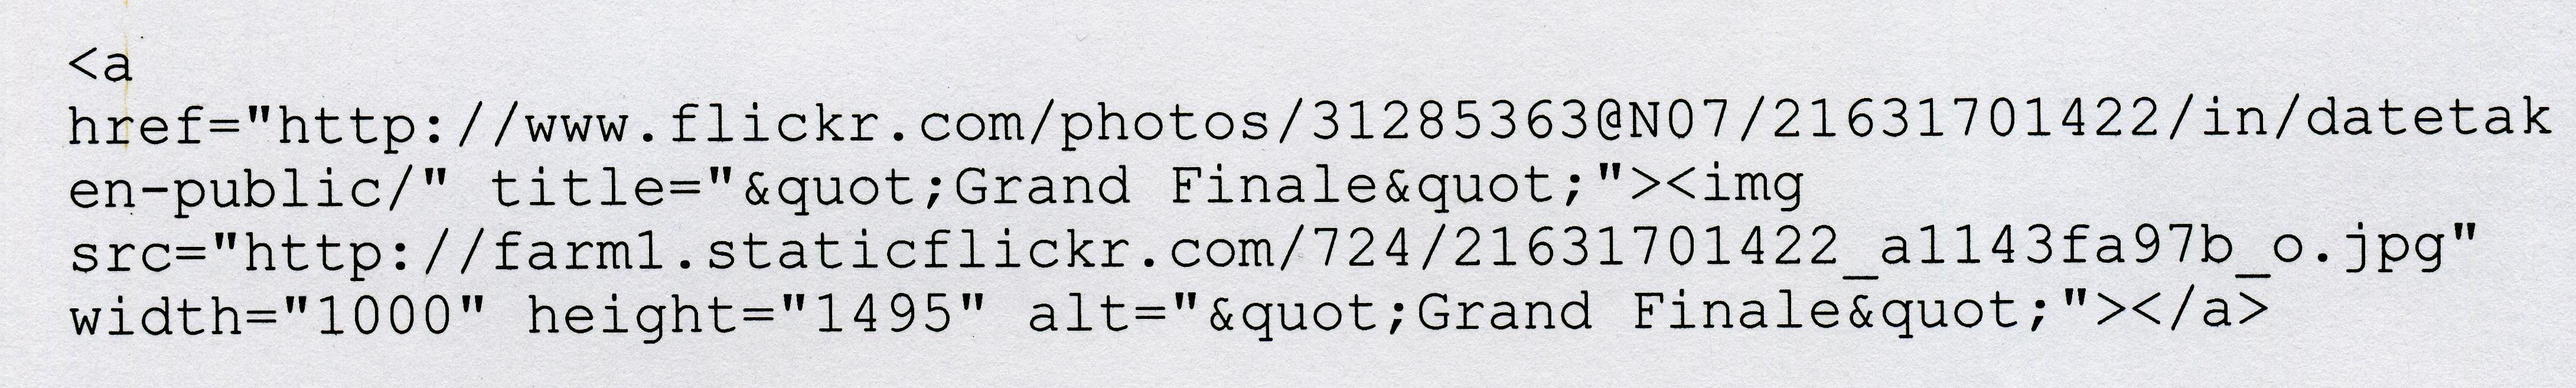 Image_HTML_Corrected001